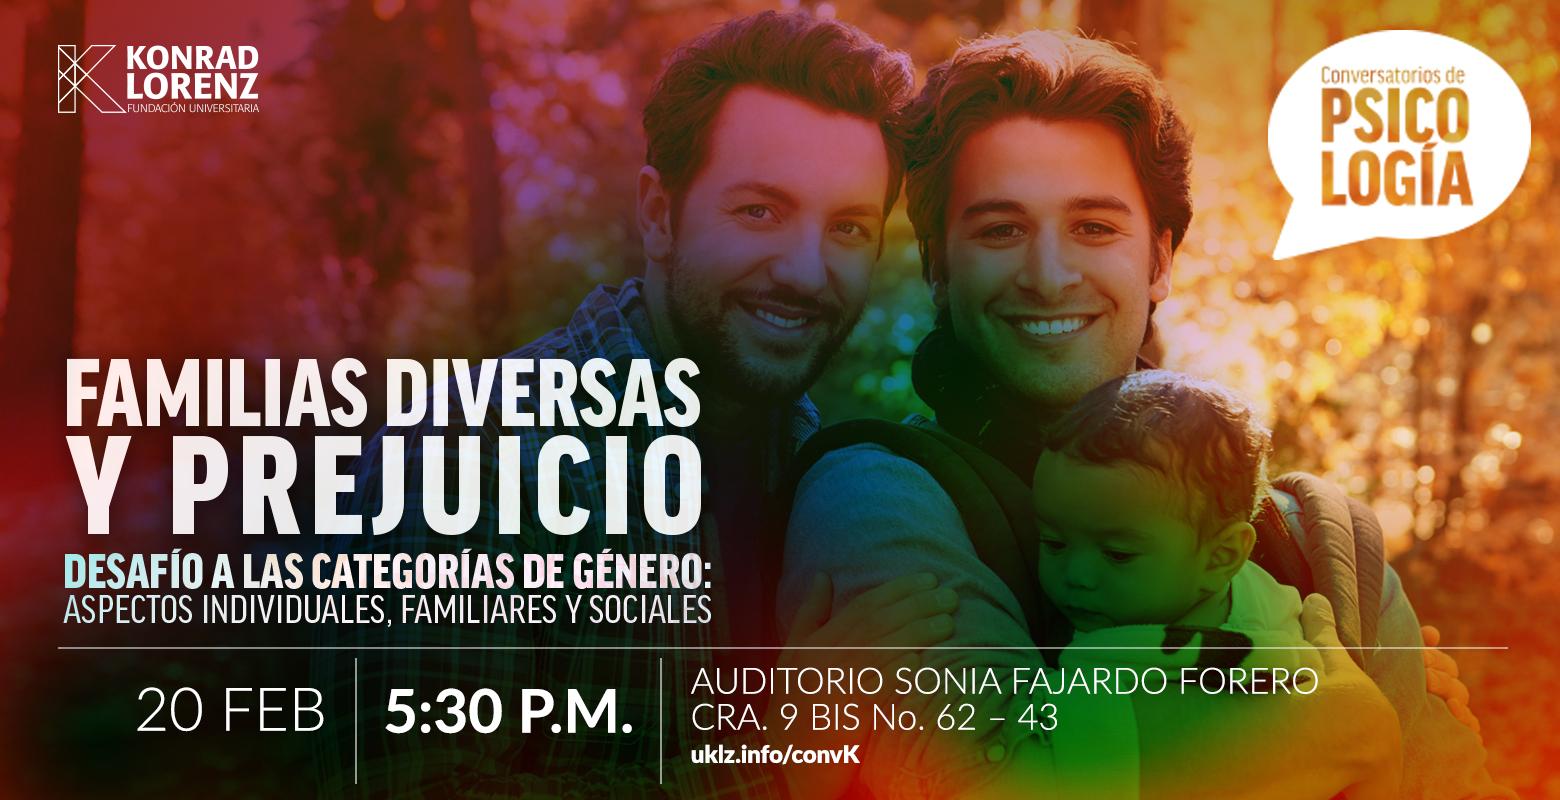 Conversatorio: Familias diversas y prejuicio